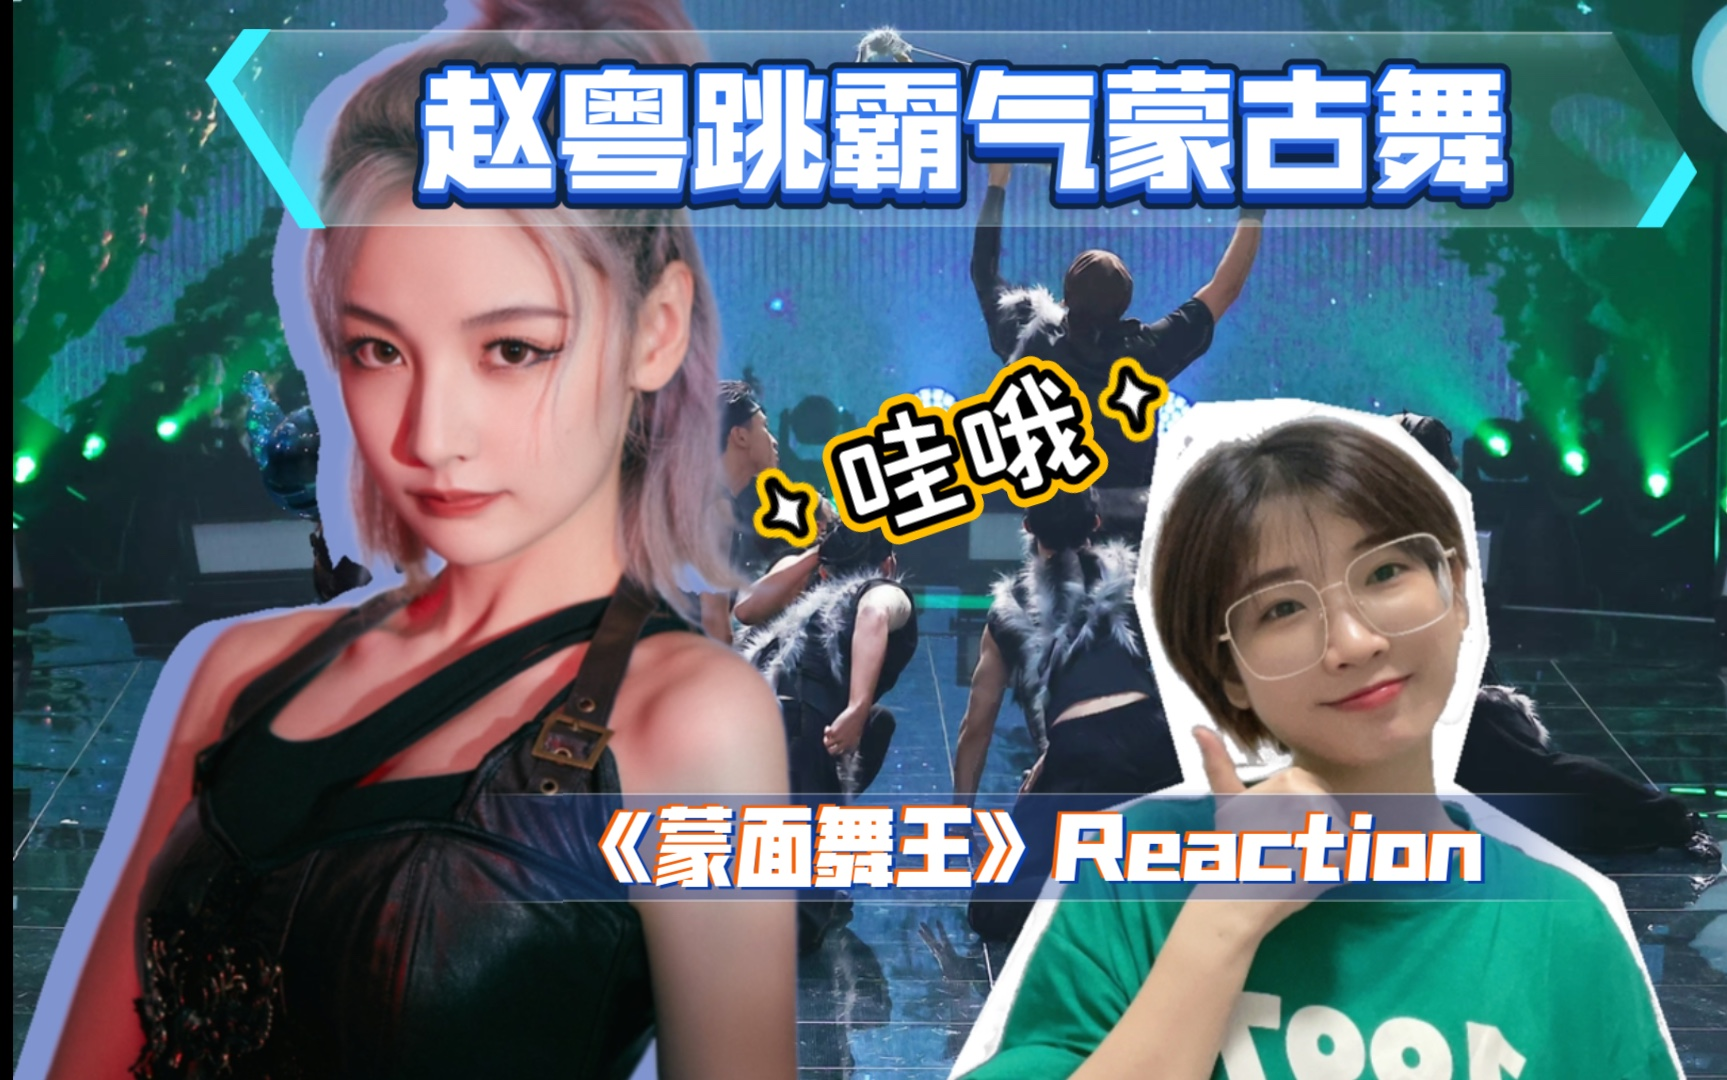 【蒙面舞王 Reaction】阔姐Aqua Queen 跳蒙古舞,赵粤不愧是舞蹈教资持有者!